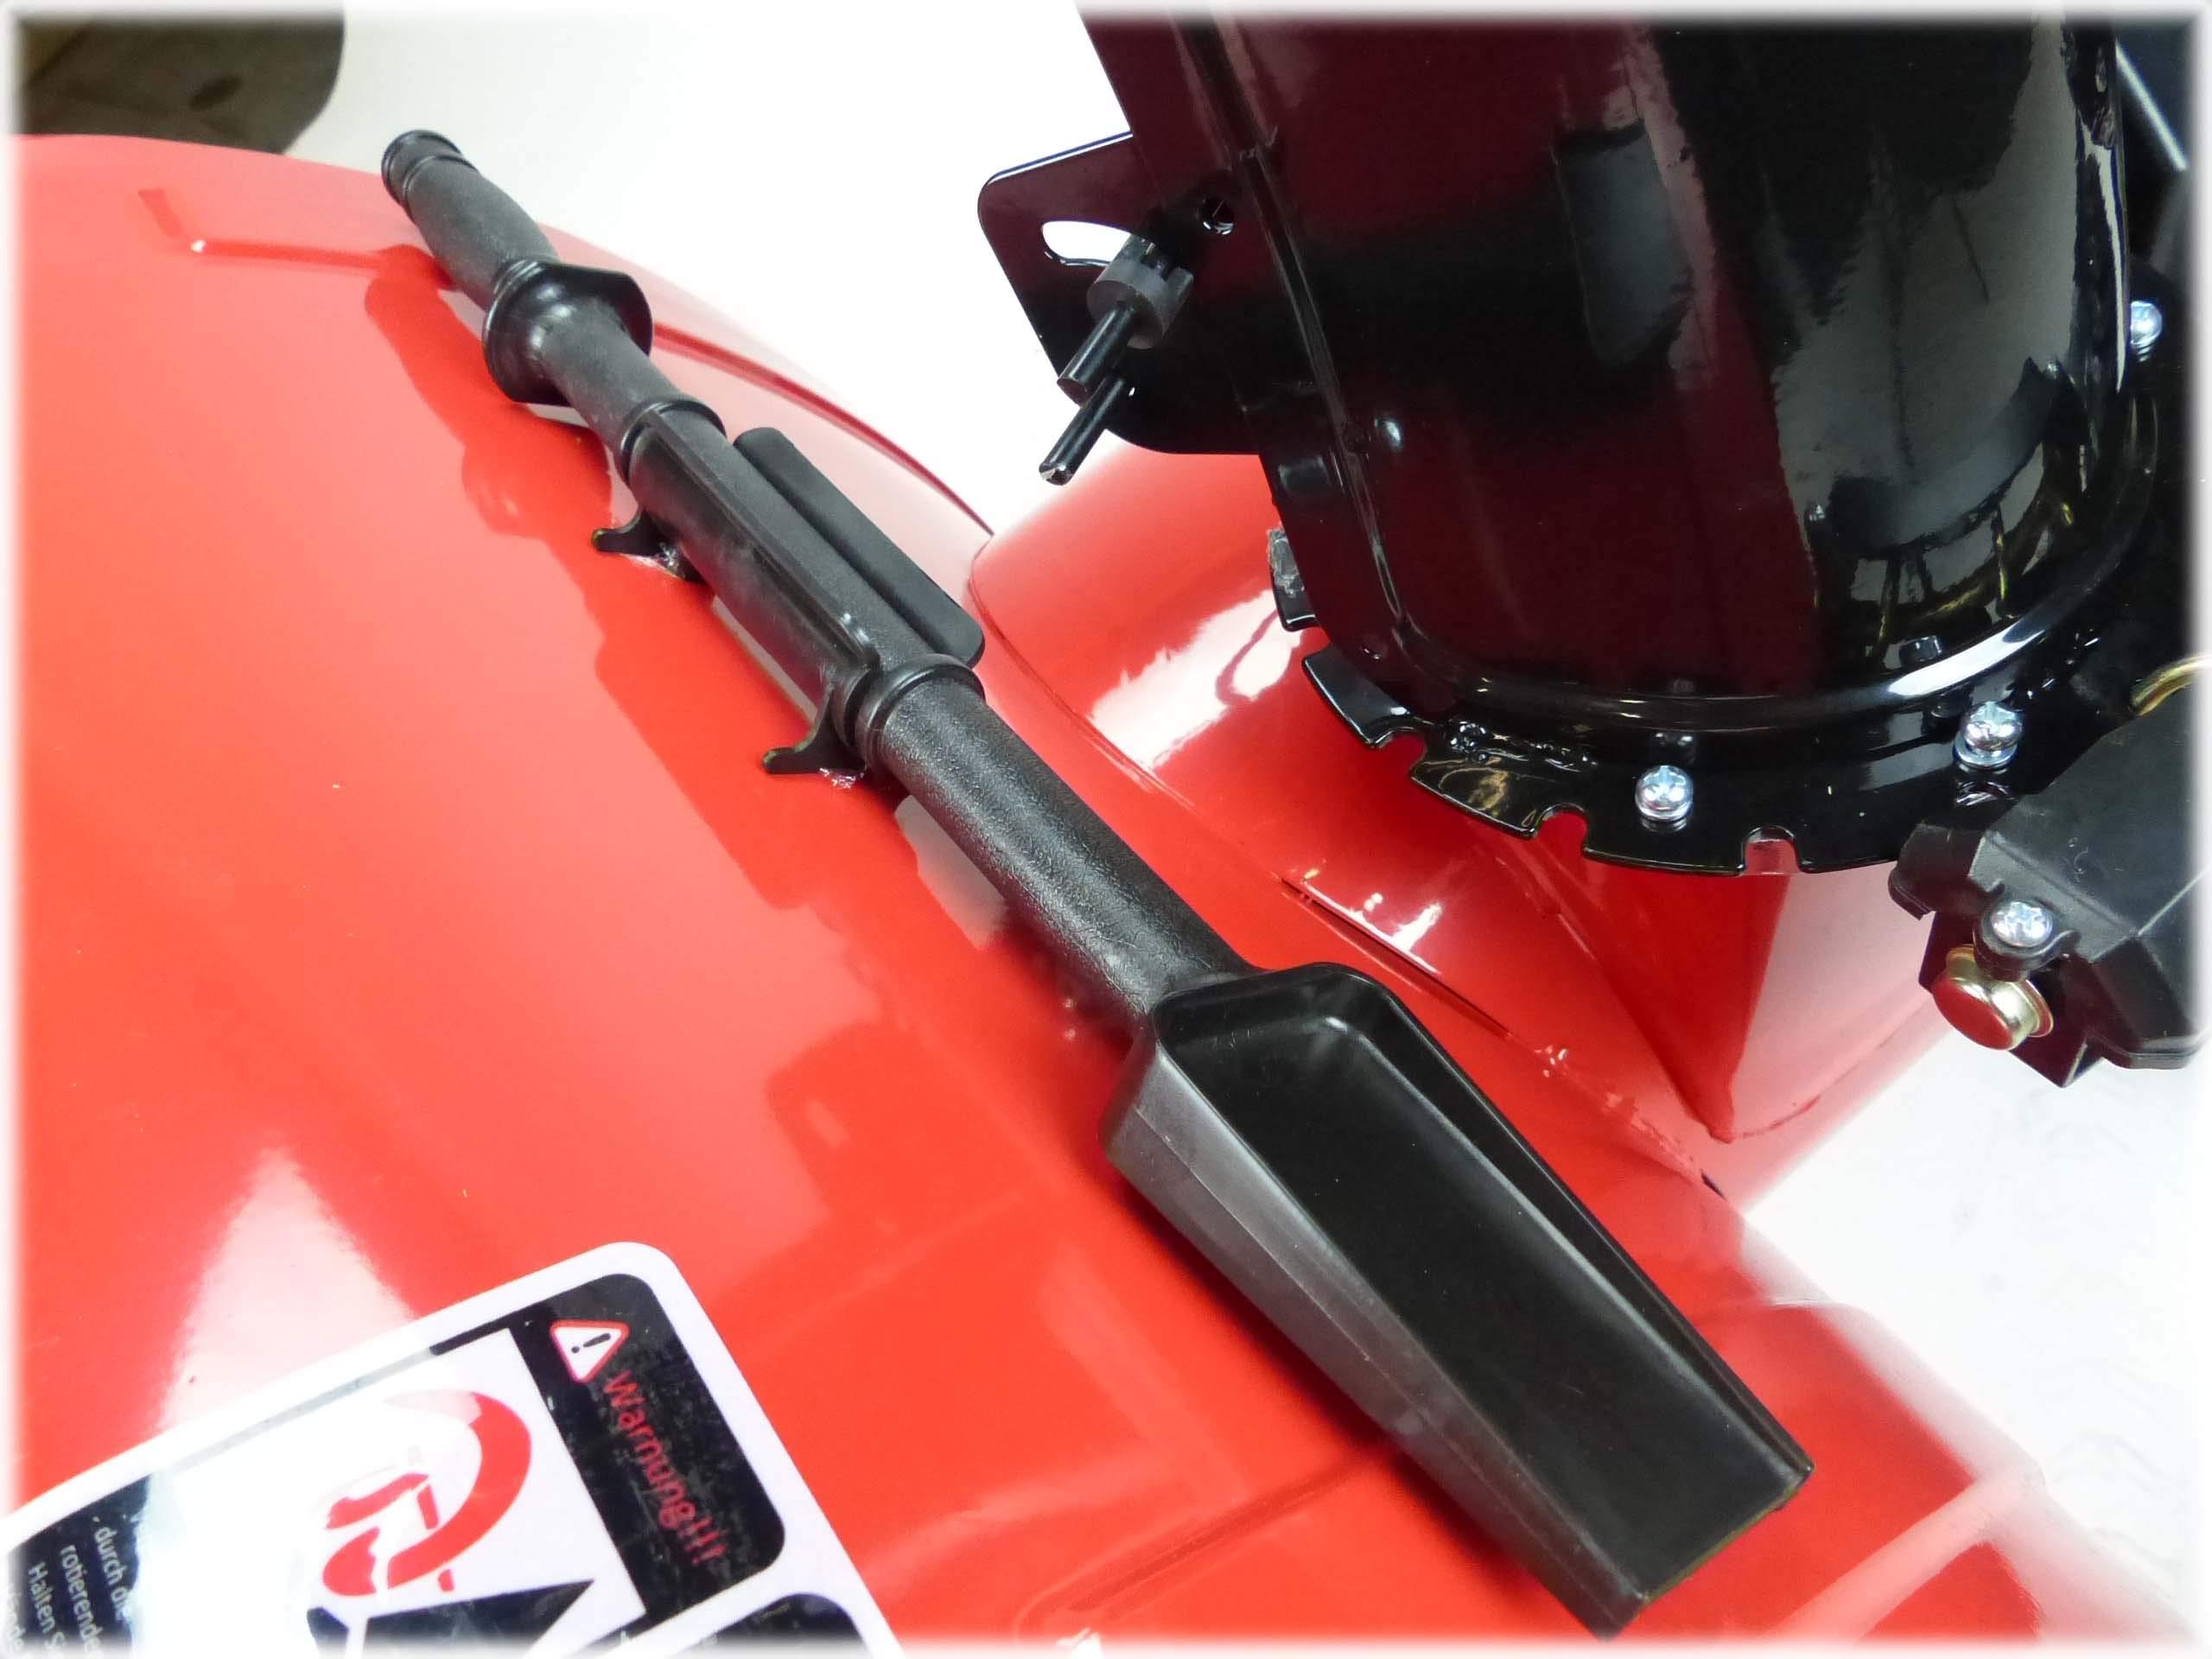 Benzin Schneefräse KW624 Elektrostarter 6,5PS Schneeräumer Schneefeger